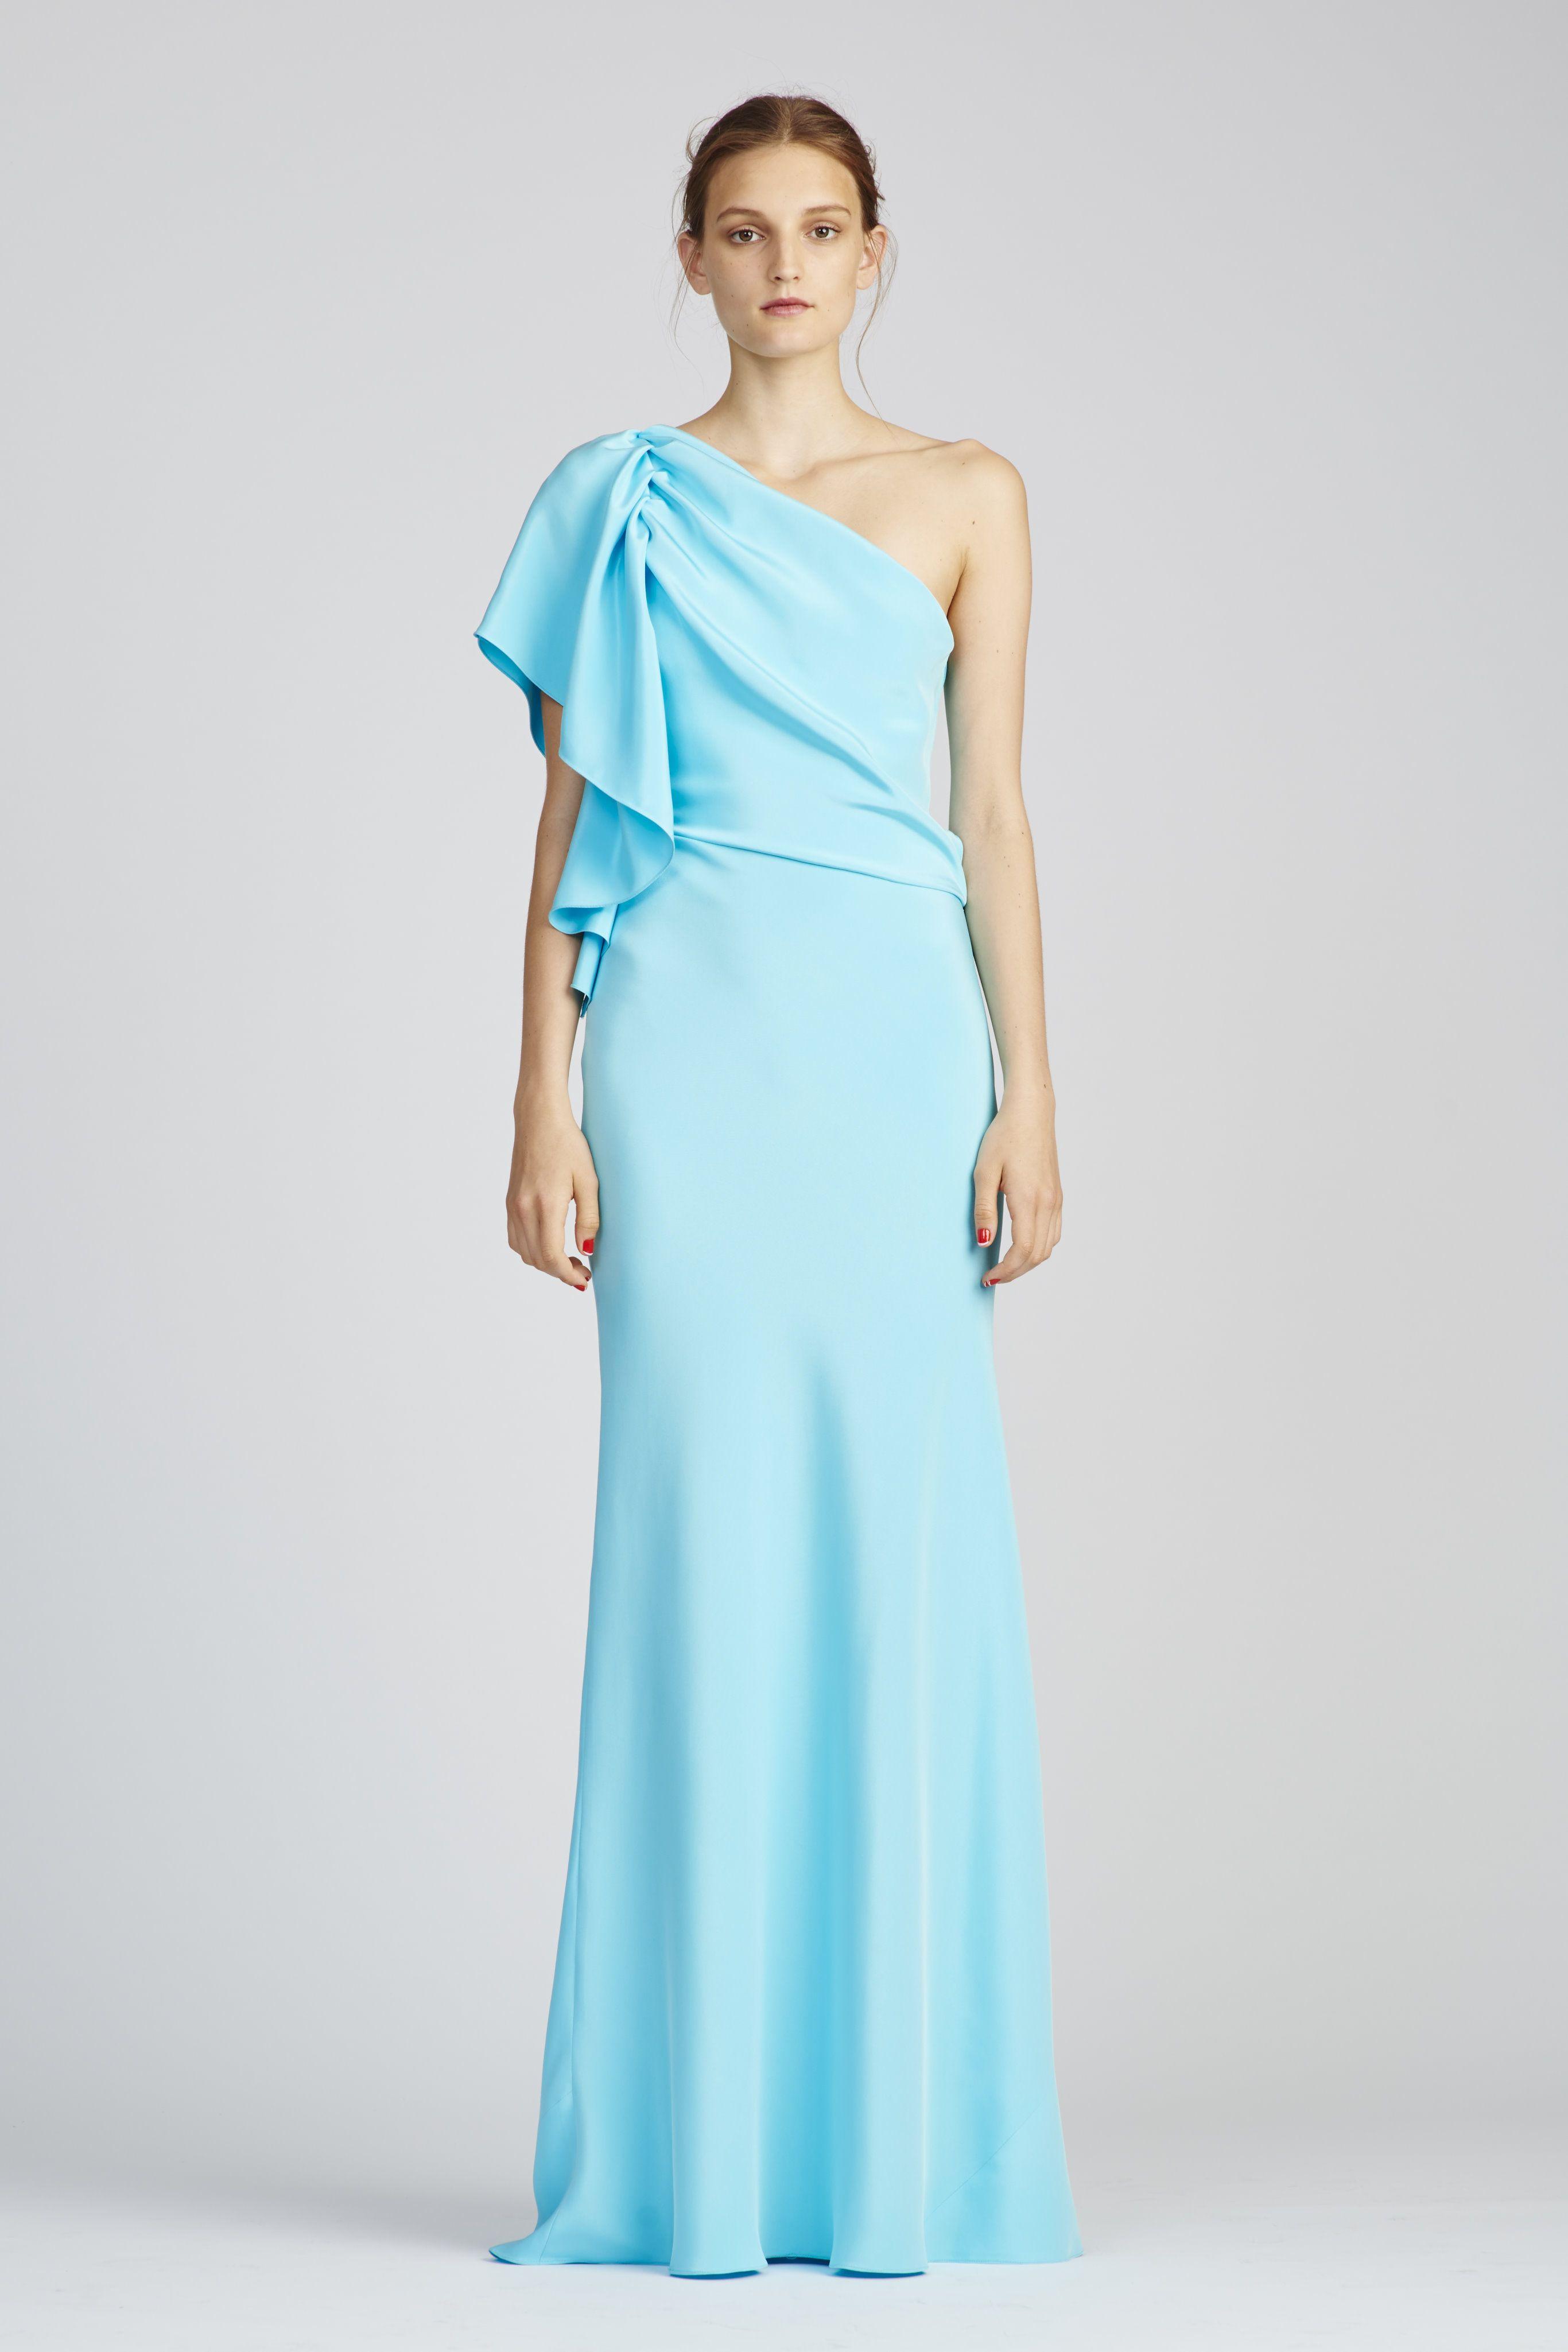 موديلات مختلفة لفساتين السهرة من المصممة العالمية مونيك لولييه 2017 ...